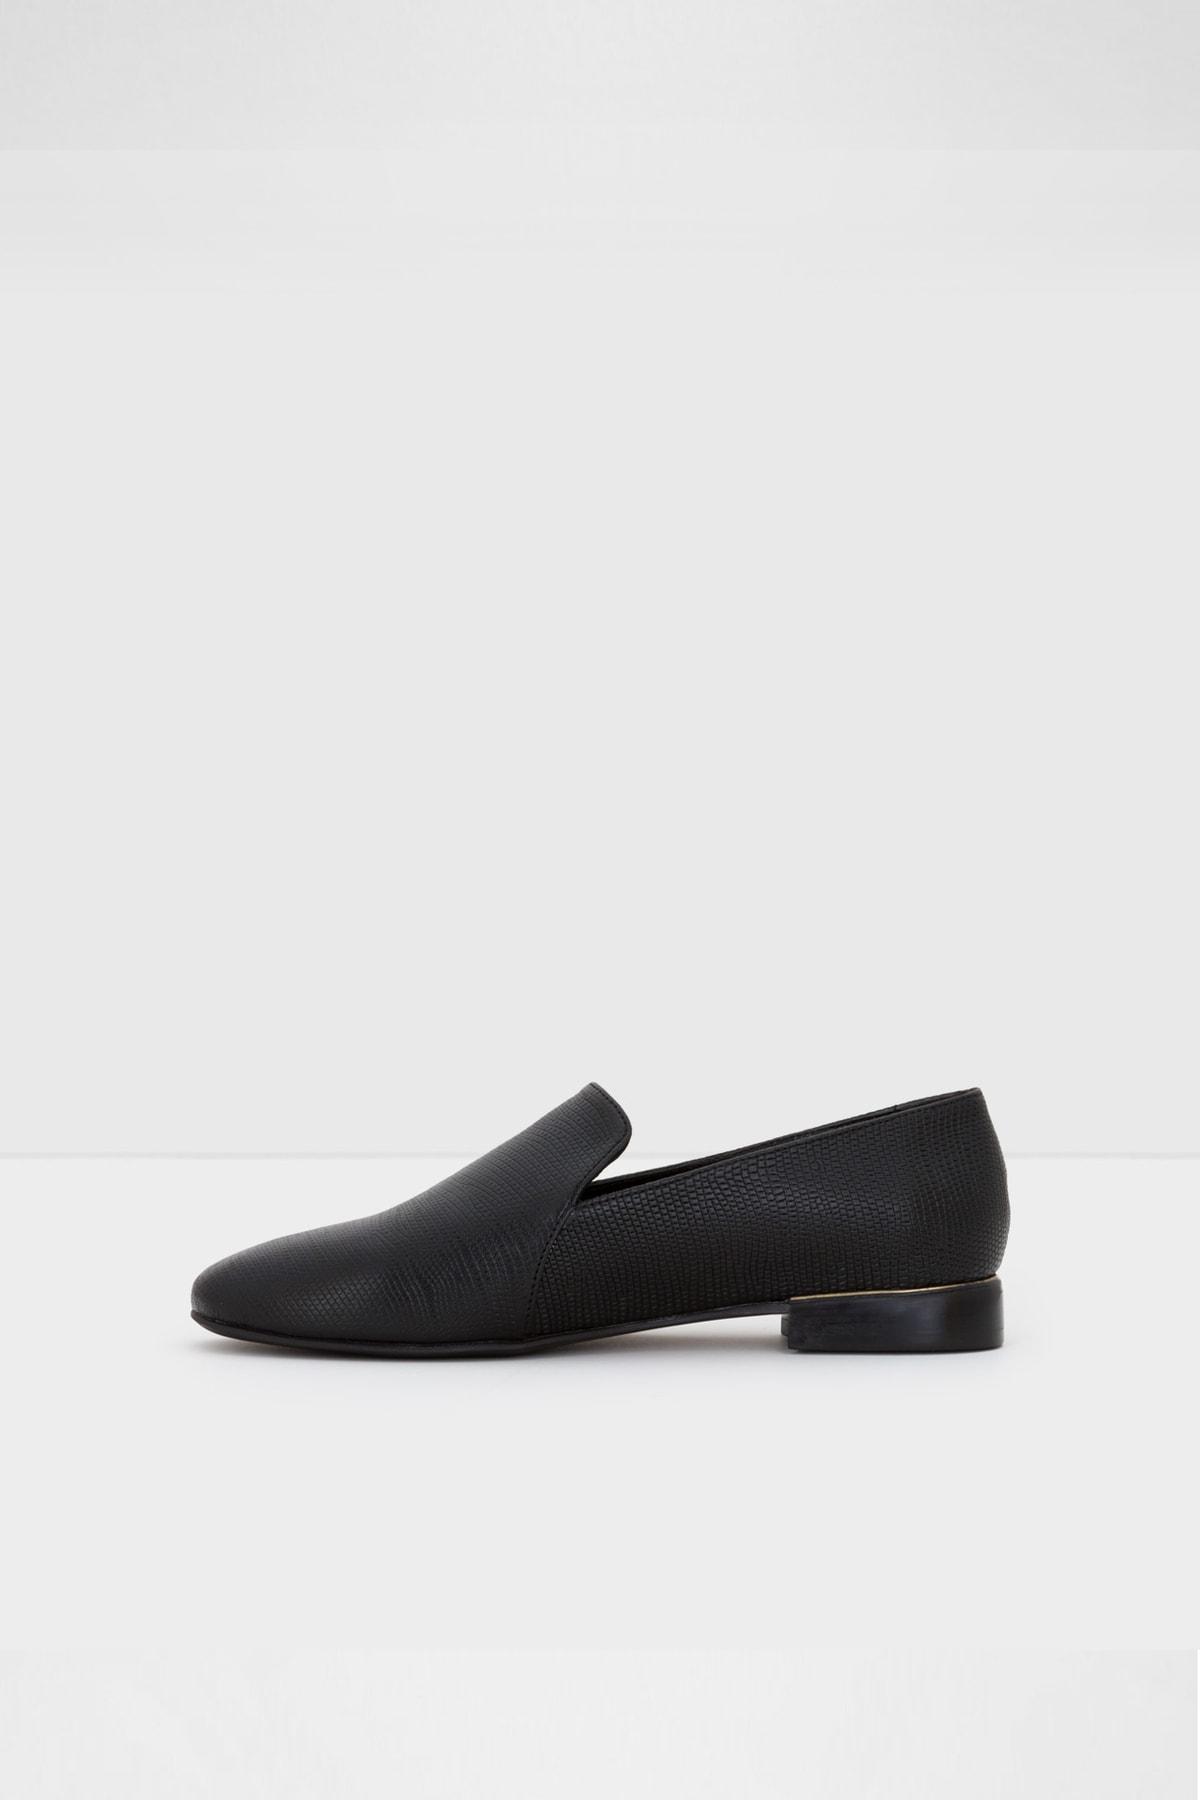 Aldo Kadın Siyah Rıramma Loafer Ayakkabı 2